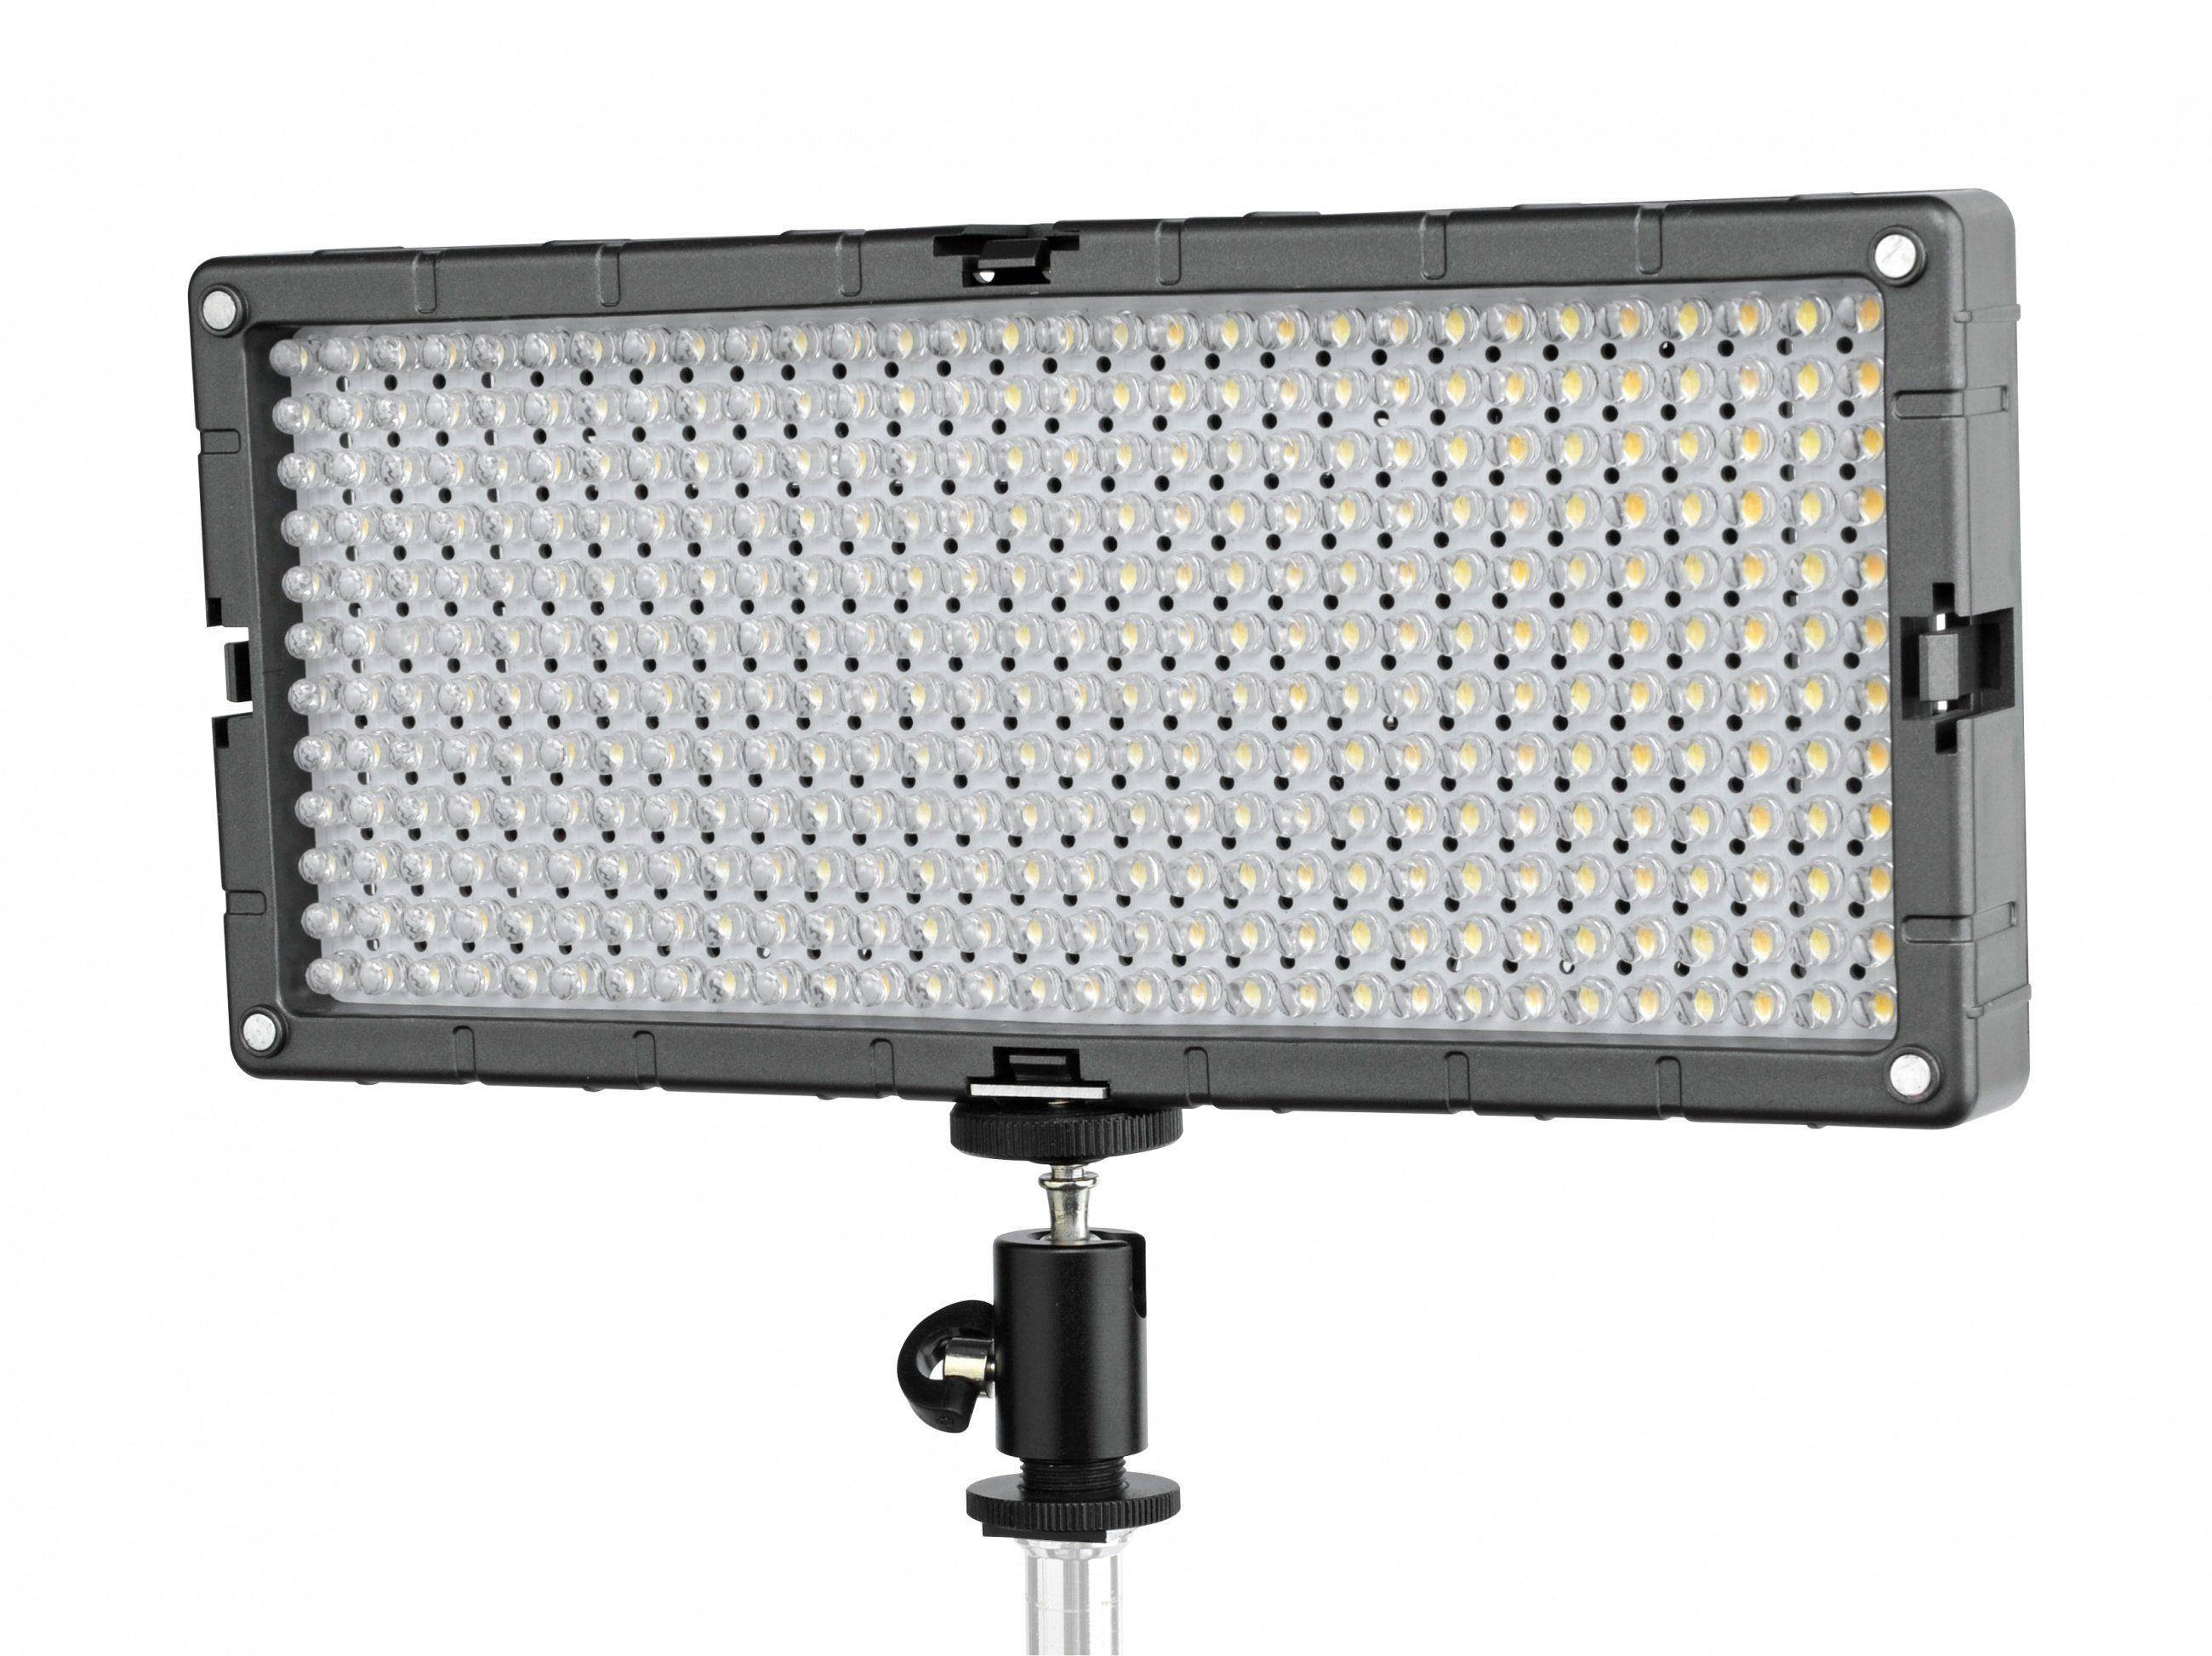 Bresser Fotostudio »SL-360 Slimline LED Video-Flächenleuchte 2.400LUX«